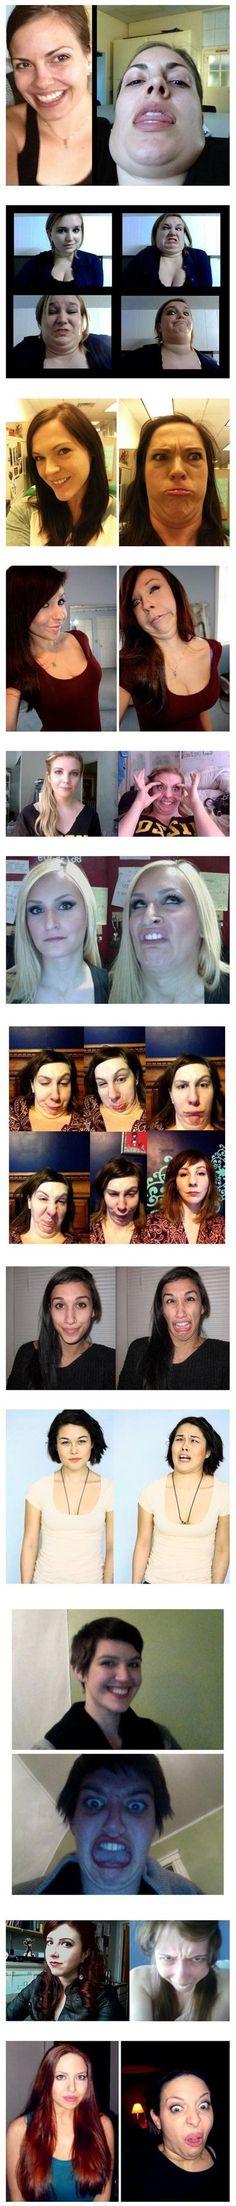 real life vs. snapchat faces